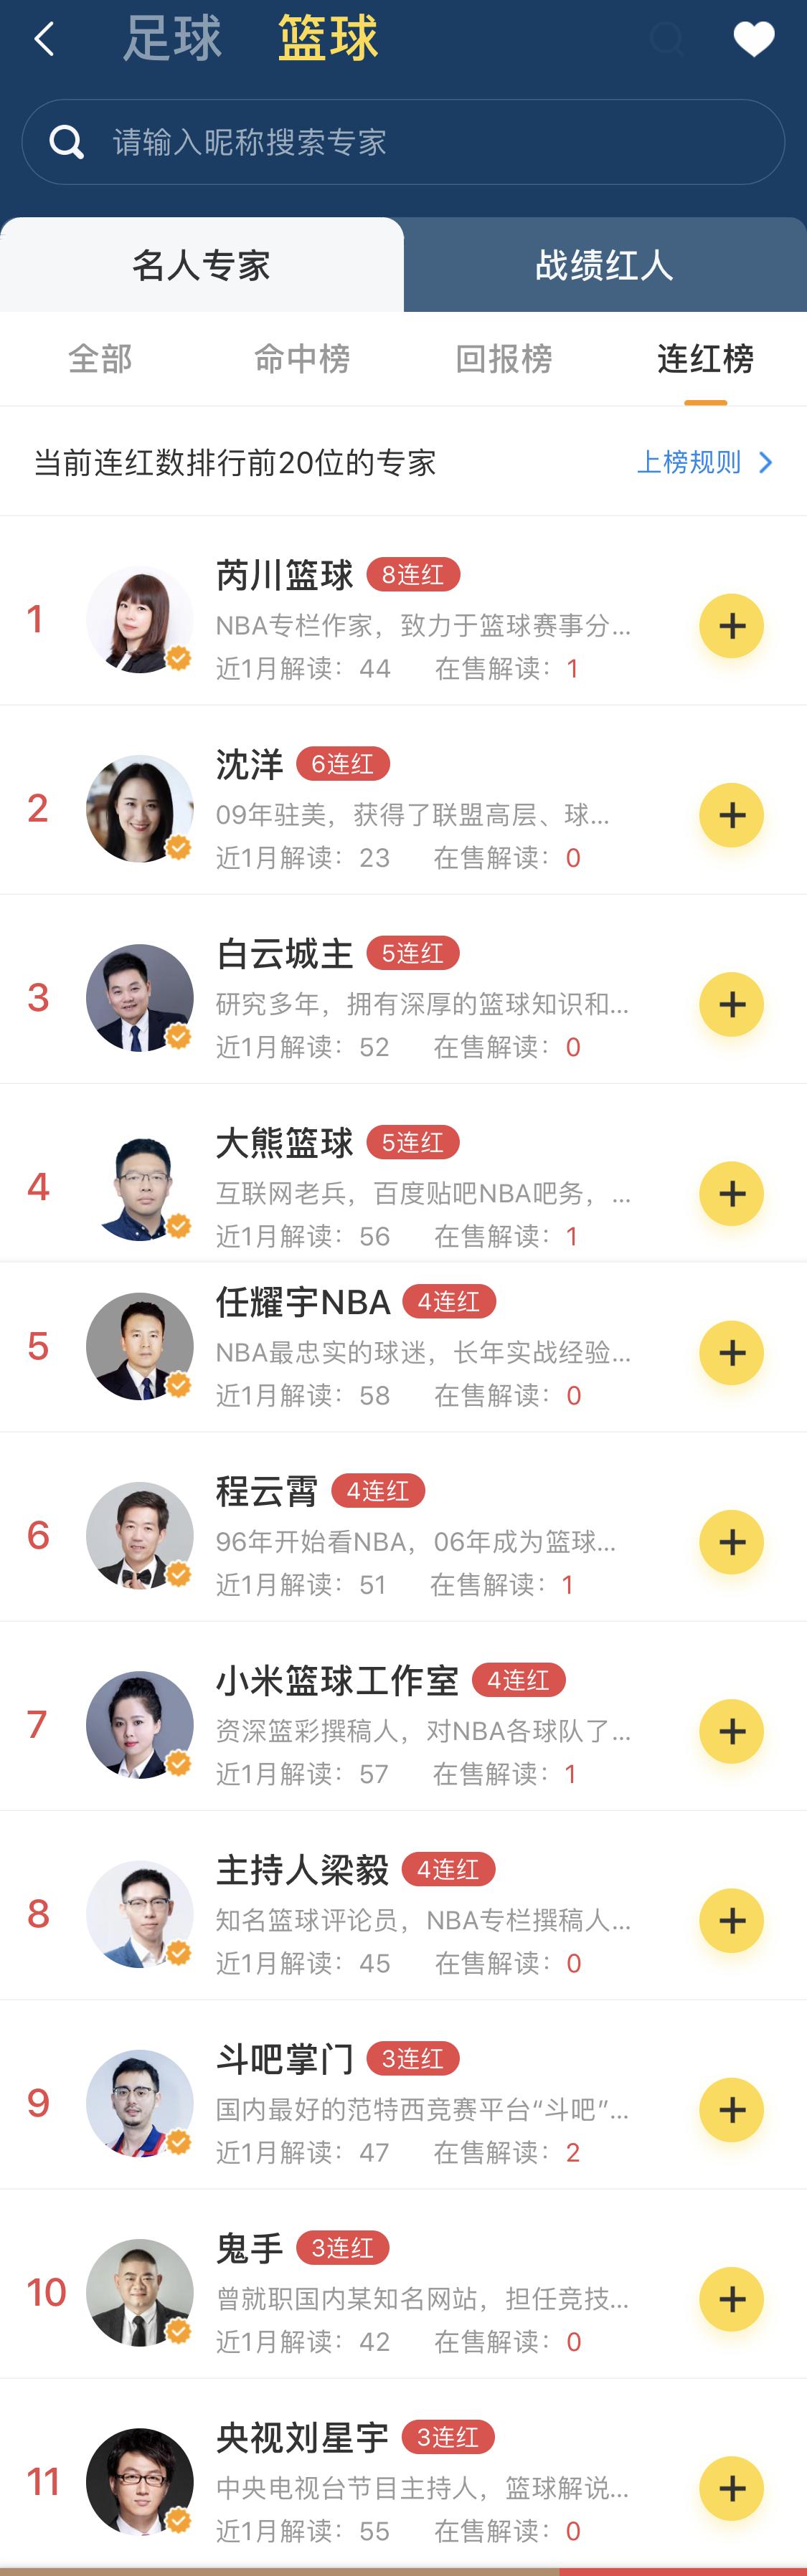 https://cdn.ttyingqiu.com/news/image/2021/1/13/202101131520000017.png